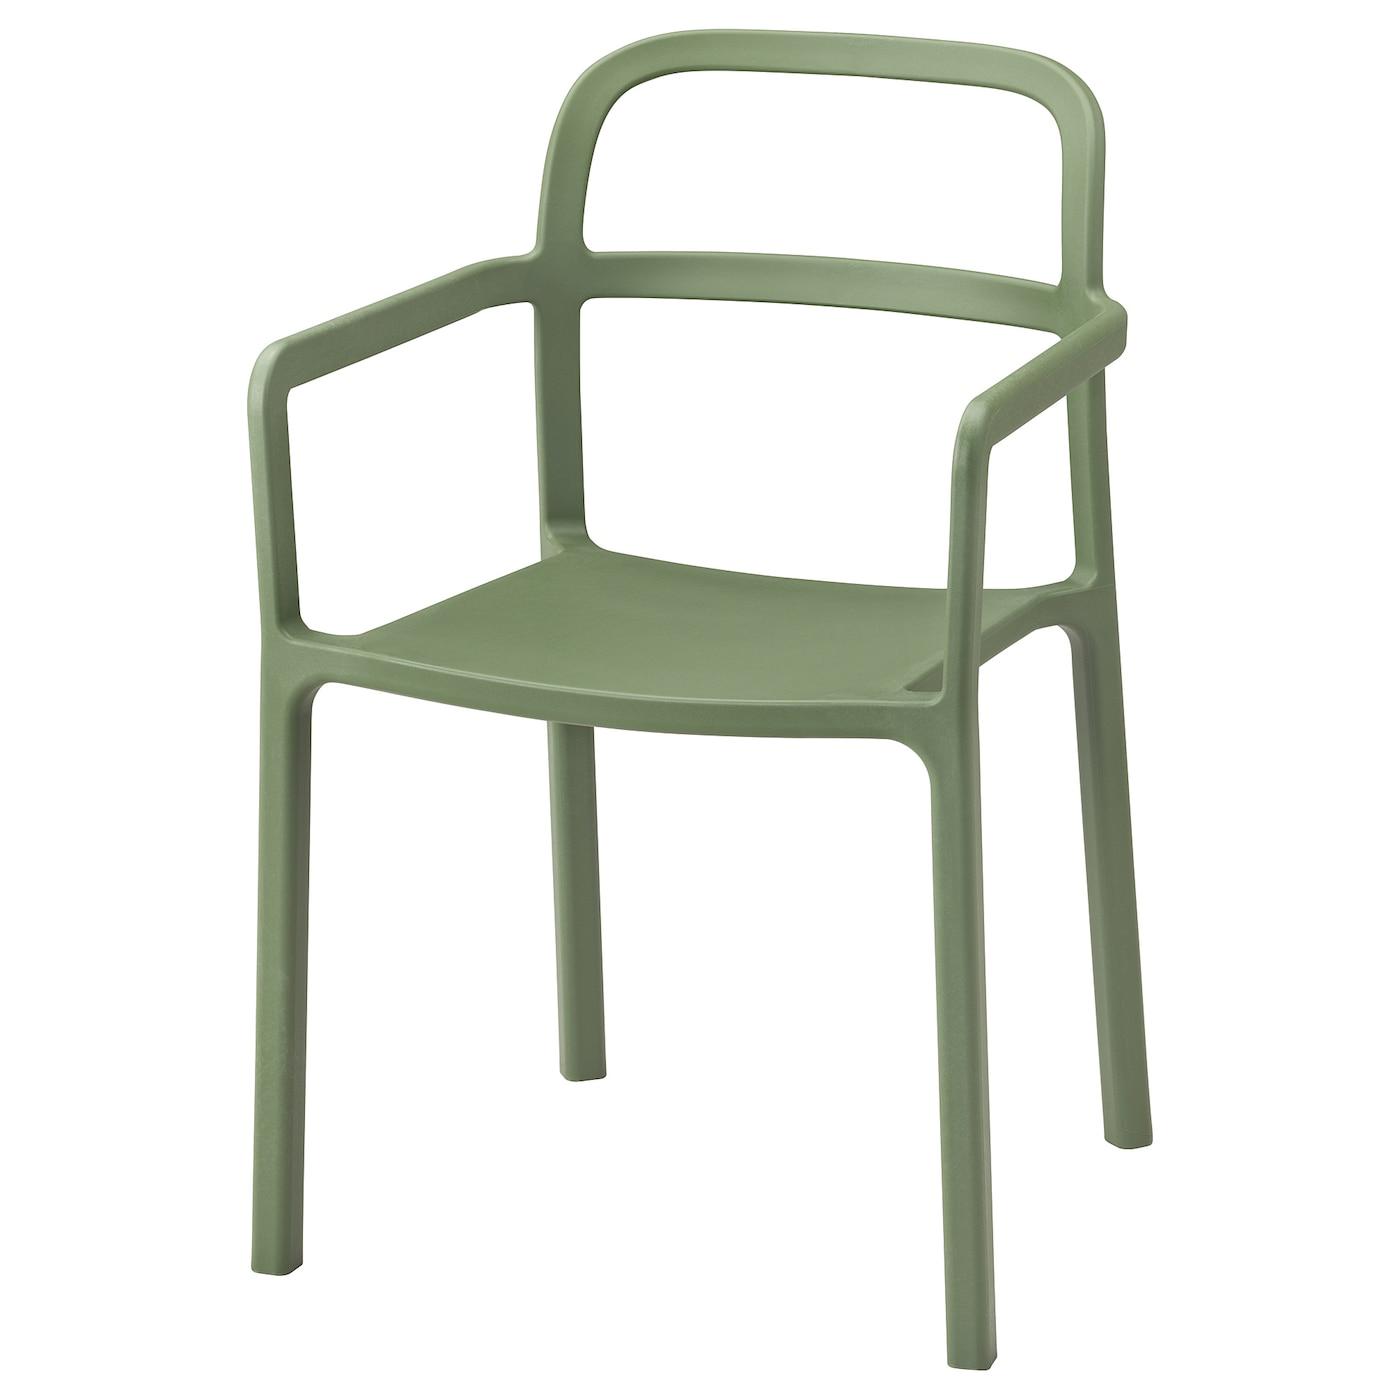 chaise de jardin & chaise pliante - ikea